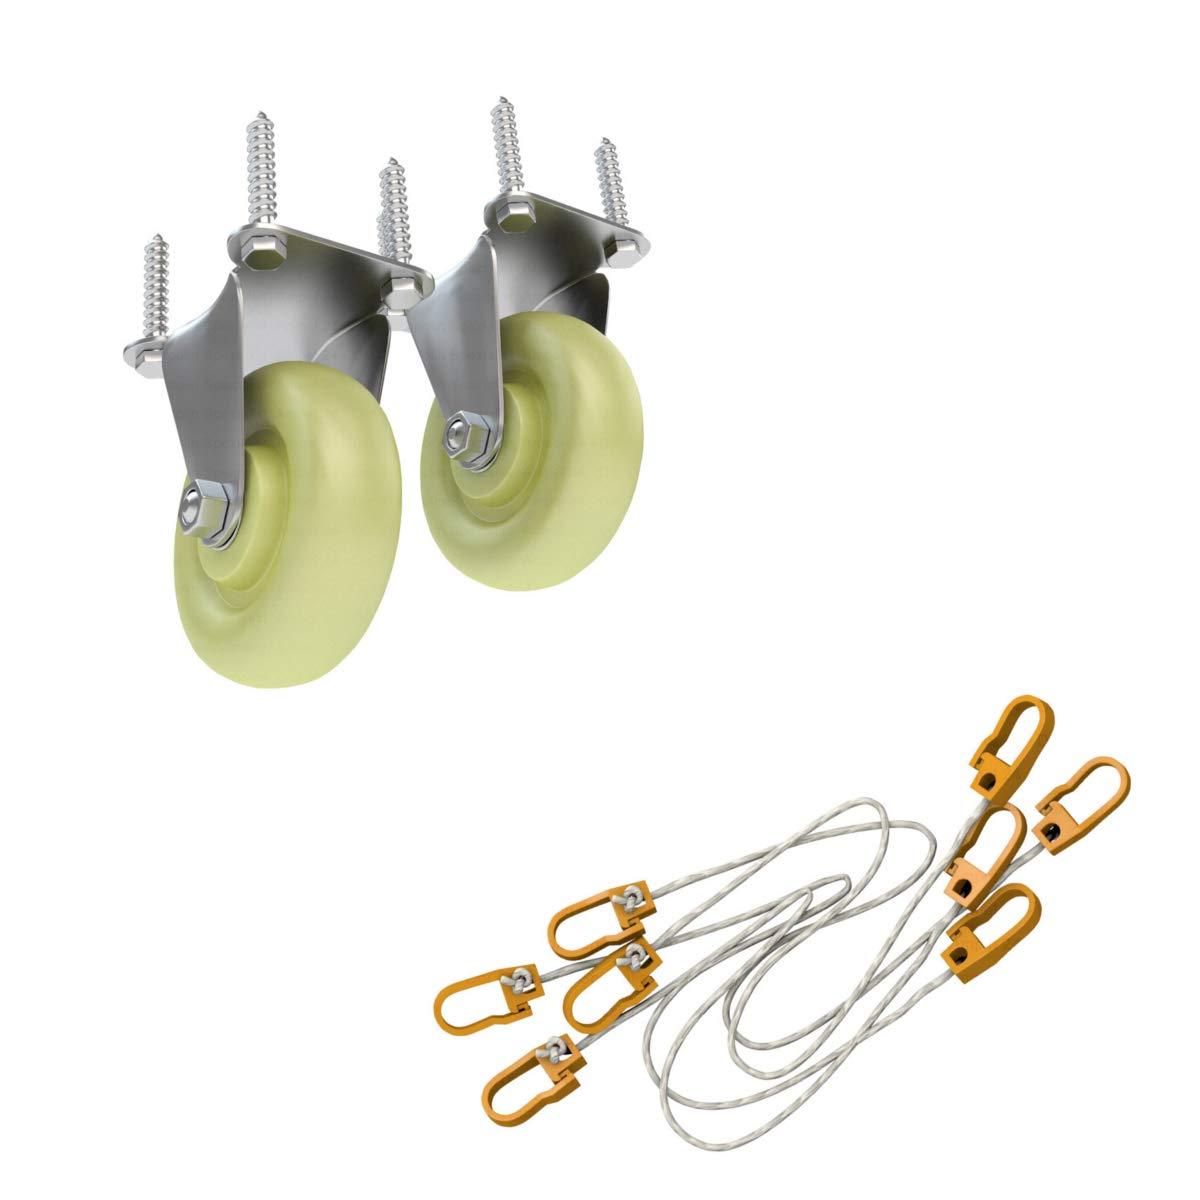 Kit pour hamac en bois: Tige et de sécurité de hamac pour einfacheren Retirer & Roulements à billes Roulettes de transport pour faciliter le déplacement Ampel 24